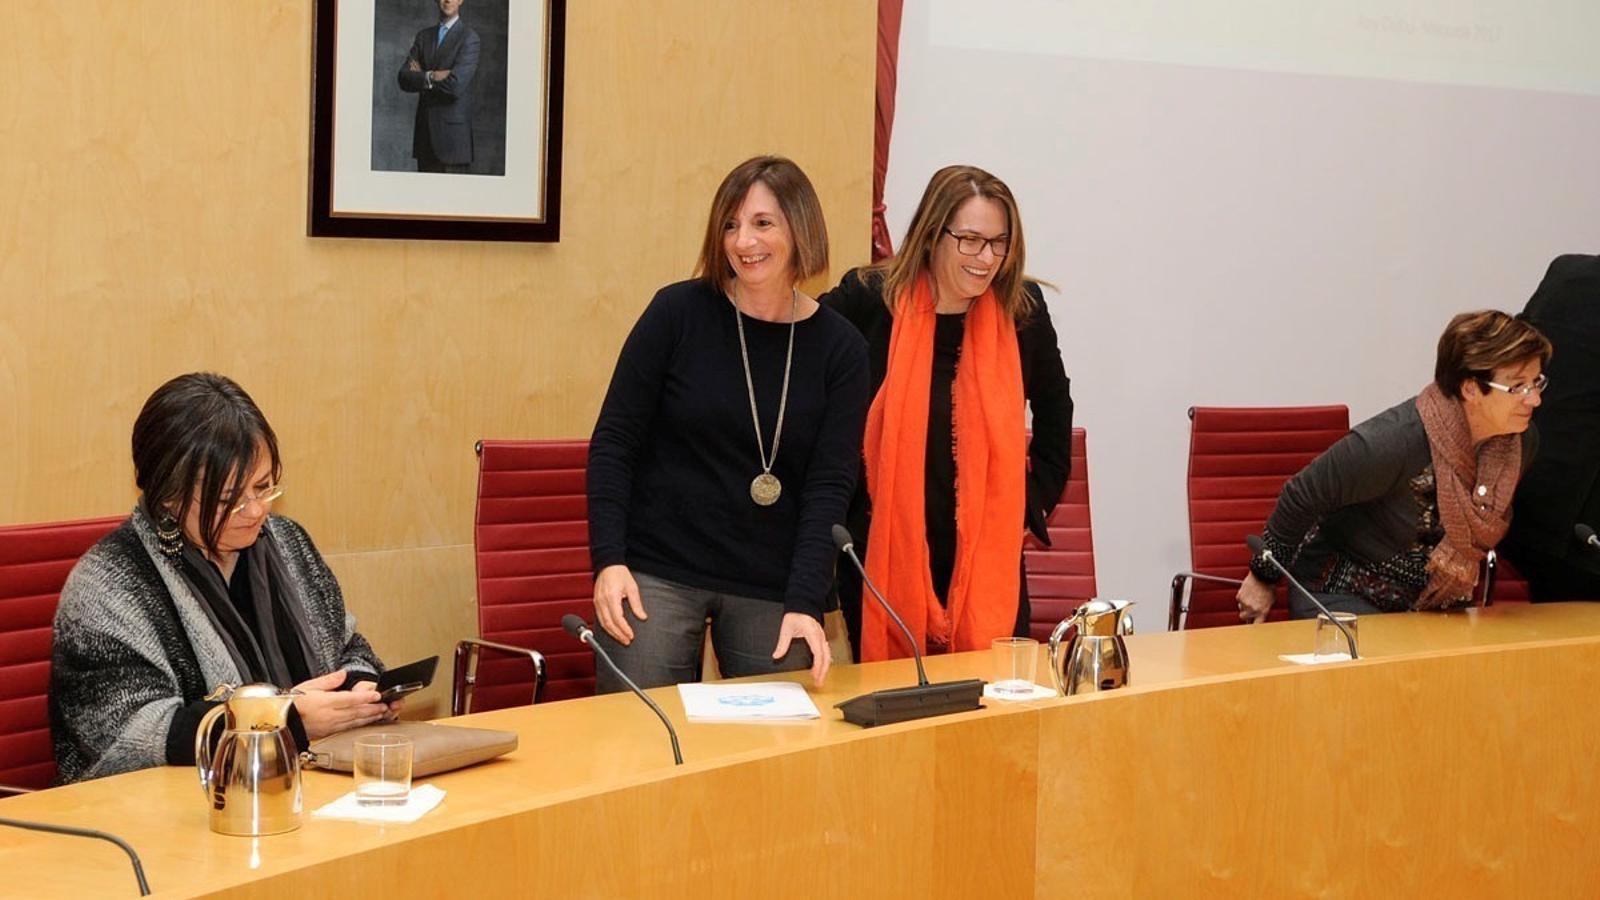 Mora, Salord i Gómez seguiran liderant la institució davant l'oposició del Partit Popular i Ciutadans.